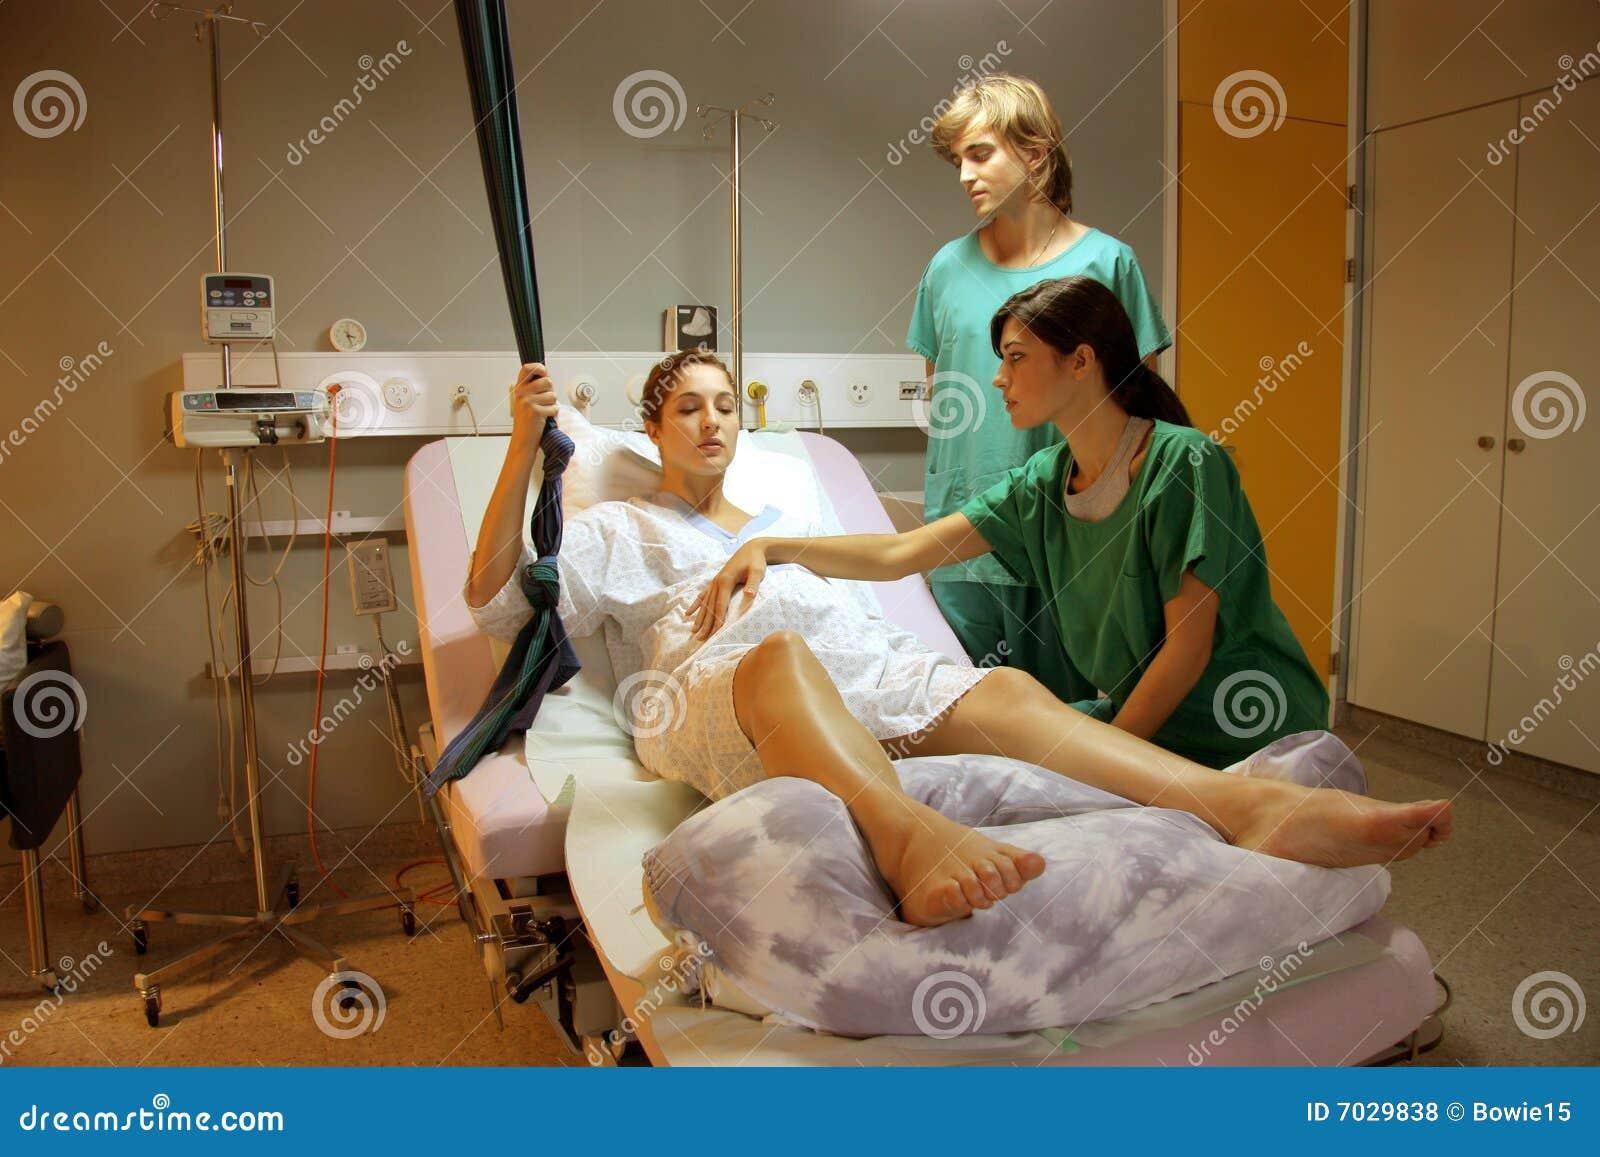 Фото как рожают девки 12 фотография